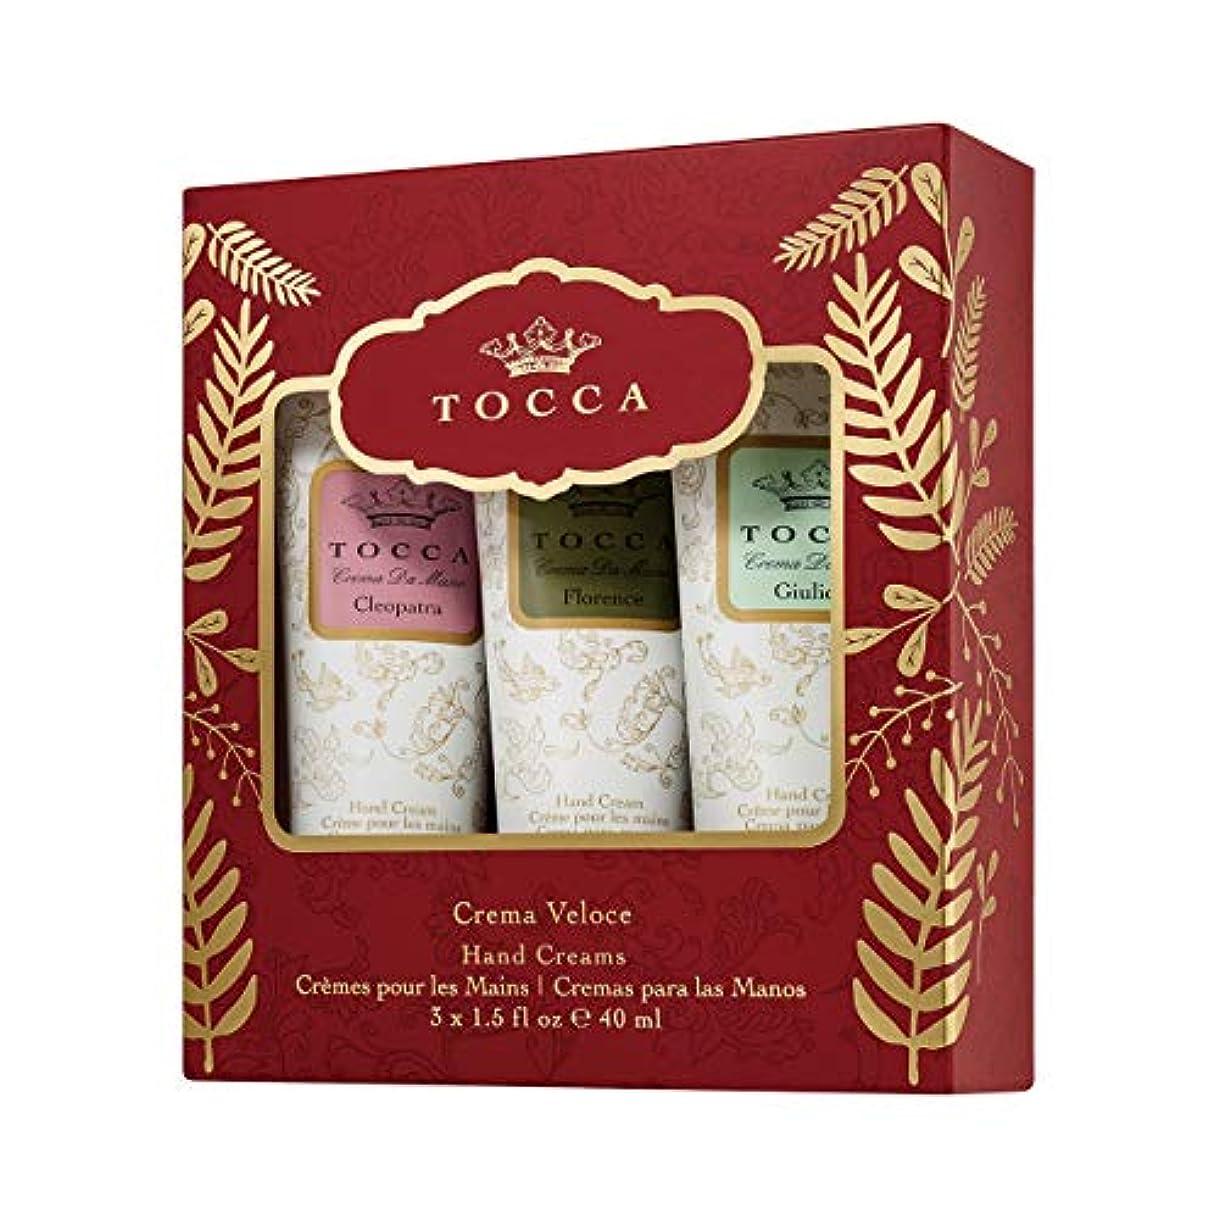 ピストン保証金バレエTOCCA クレマヴェローチェパルマ ハンドクリーム3本入った贅沢な贈り物(手指保湿?小分けギフト)